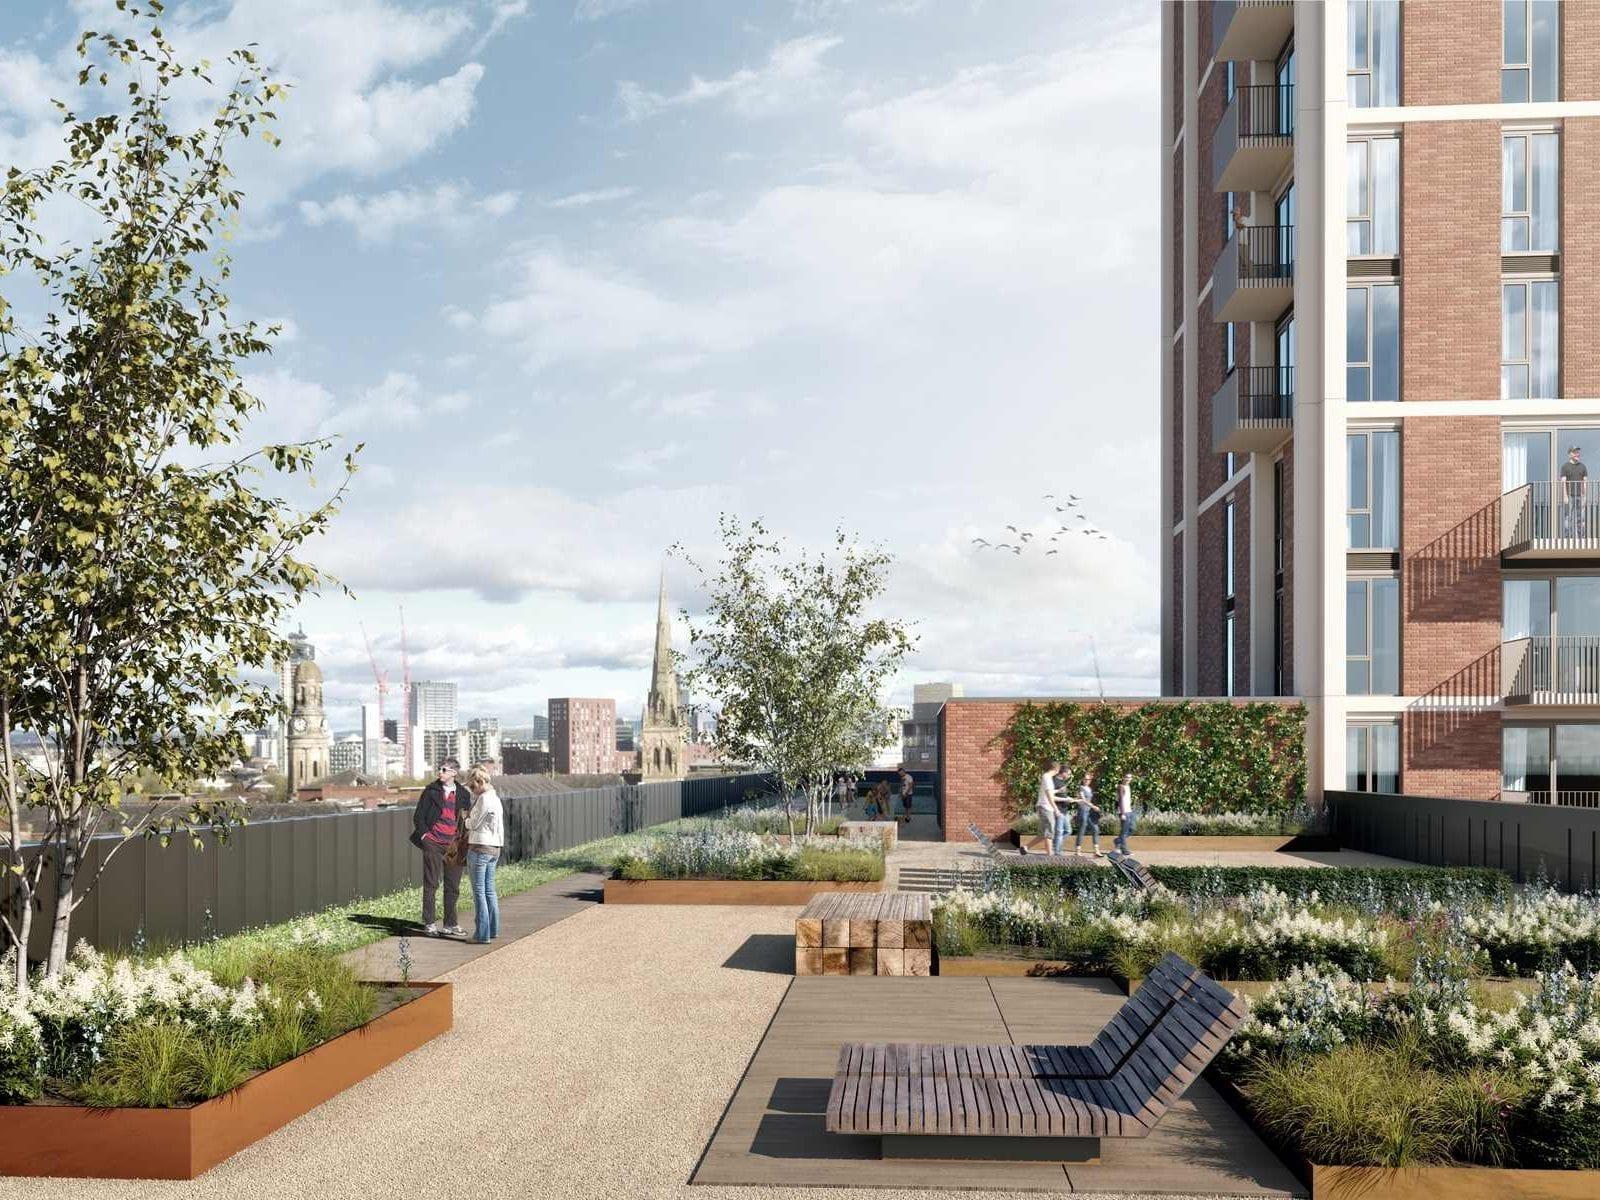 Rooftop garden terrace